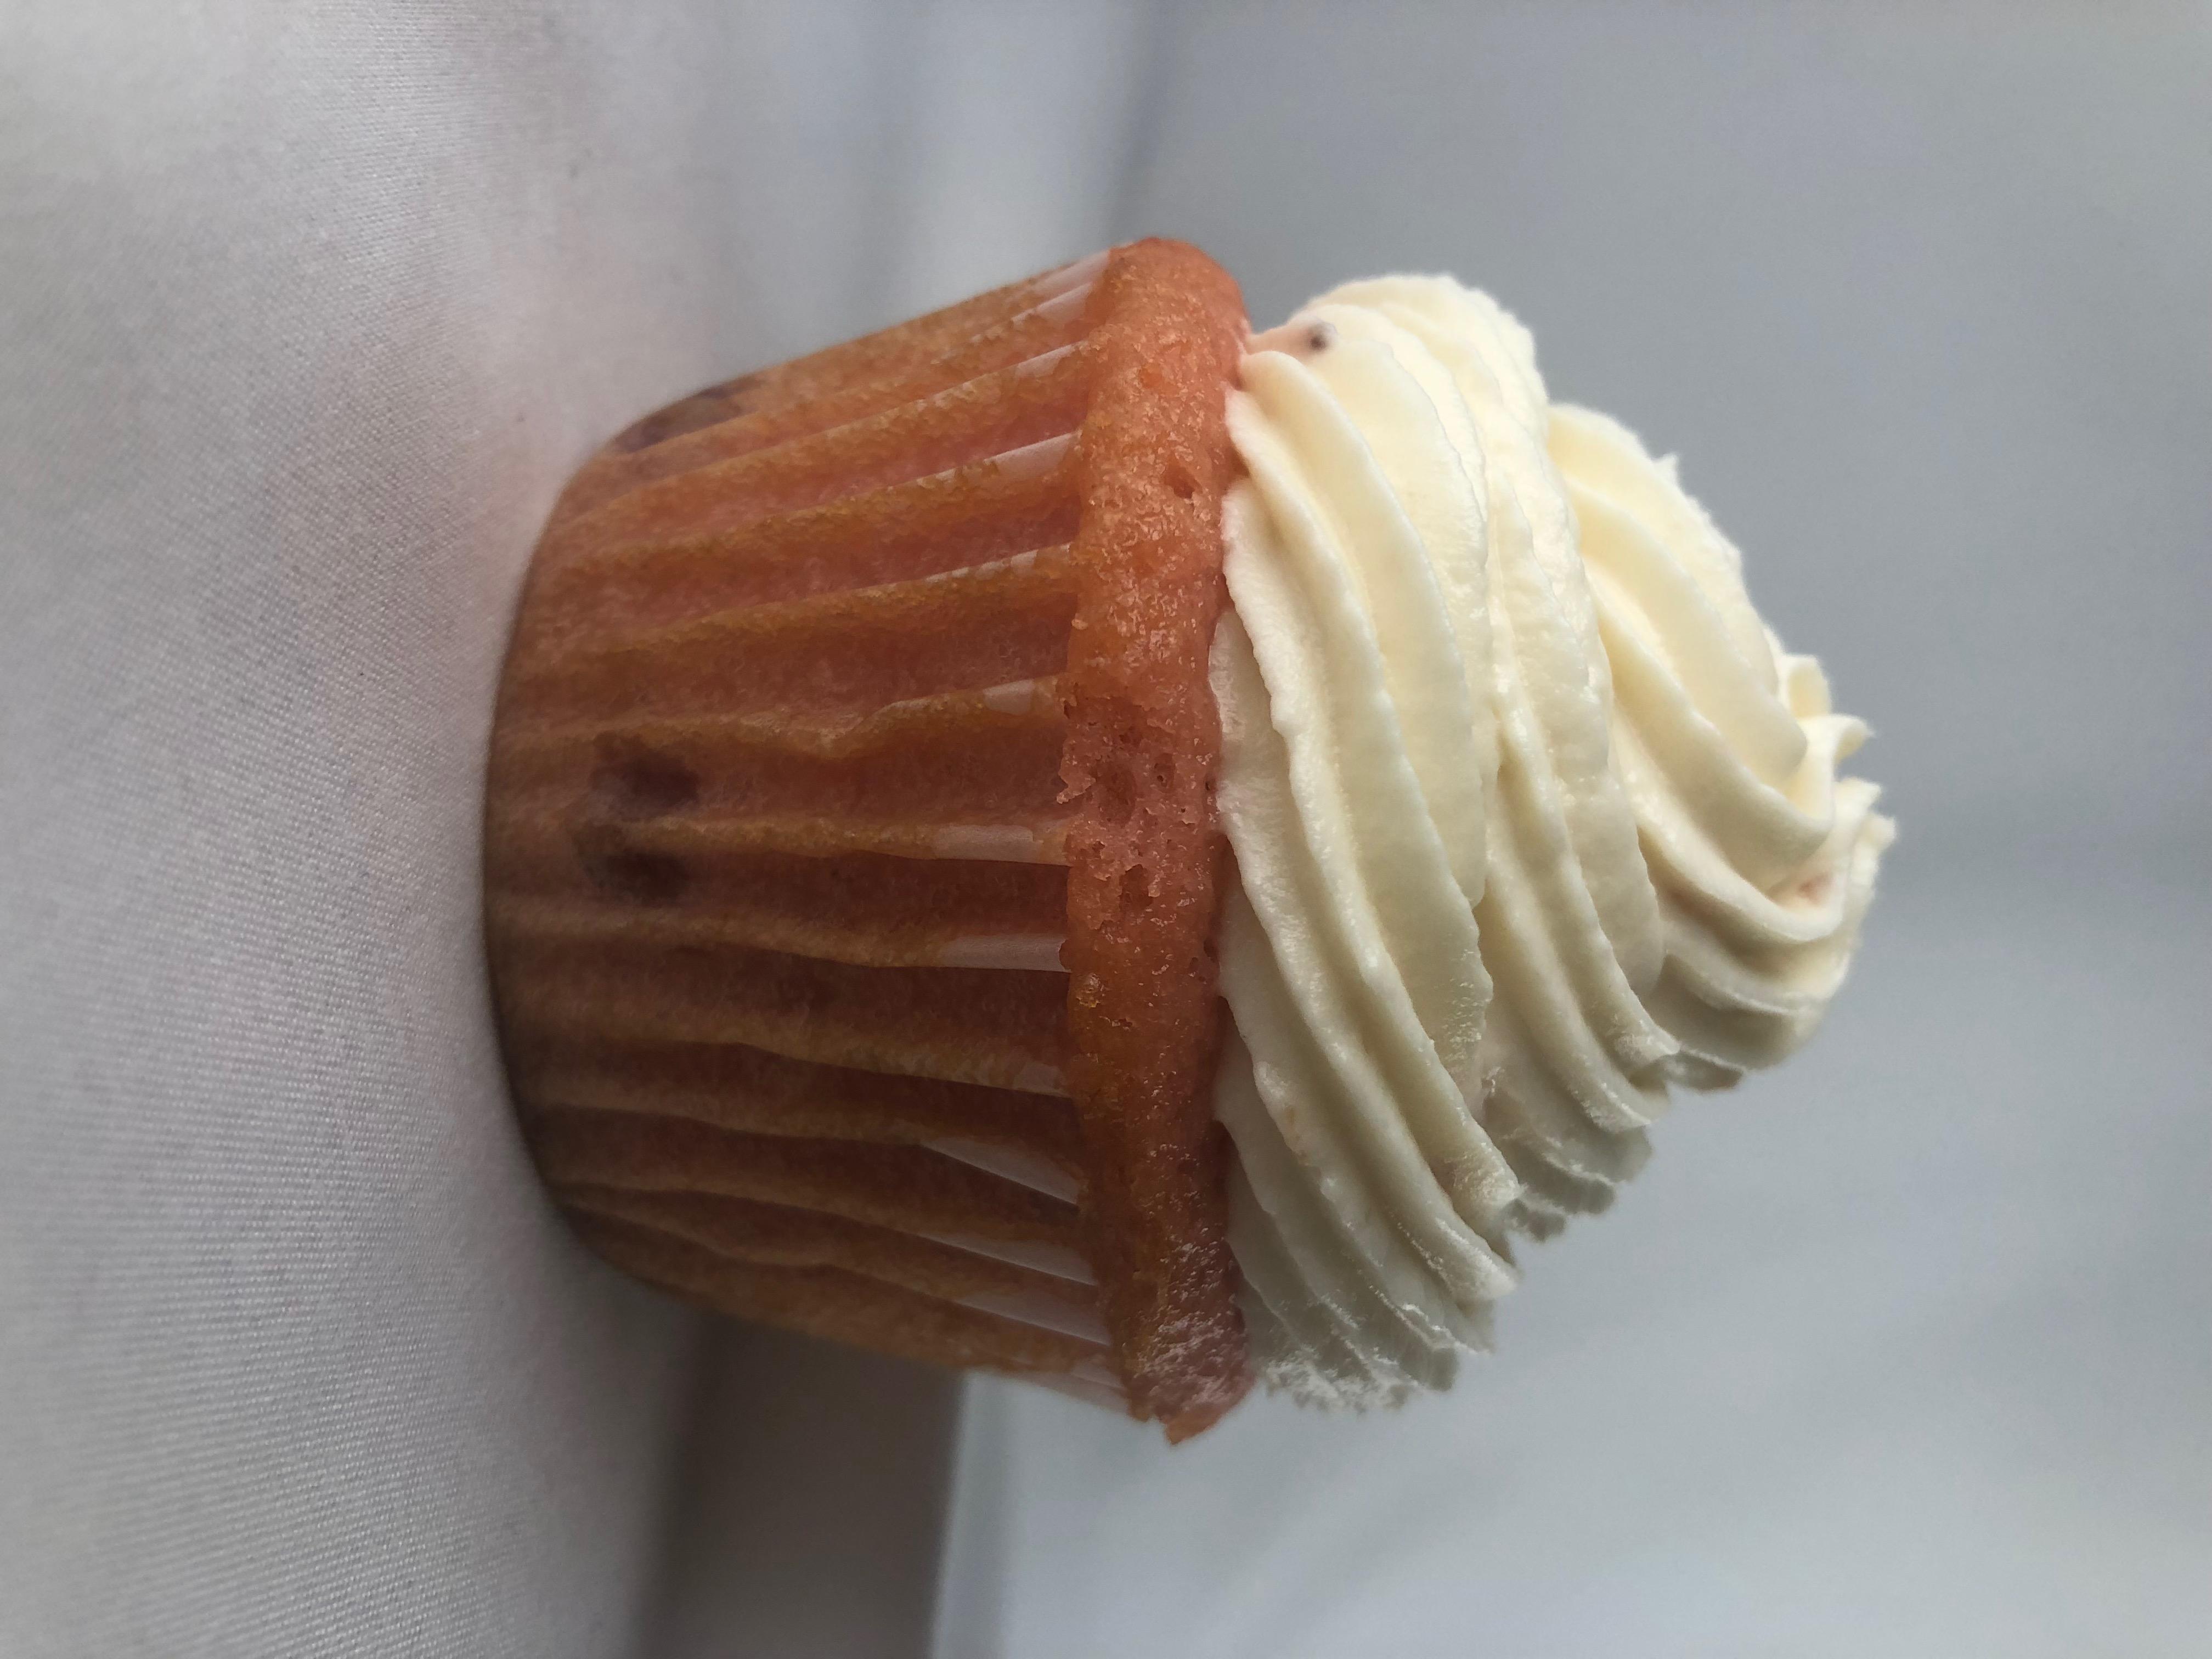 strawb cheesecake cupcake